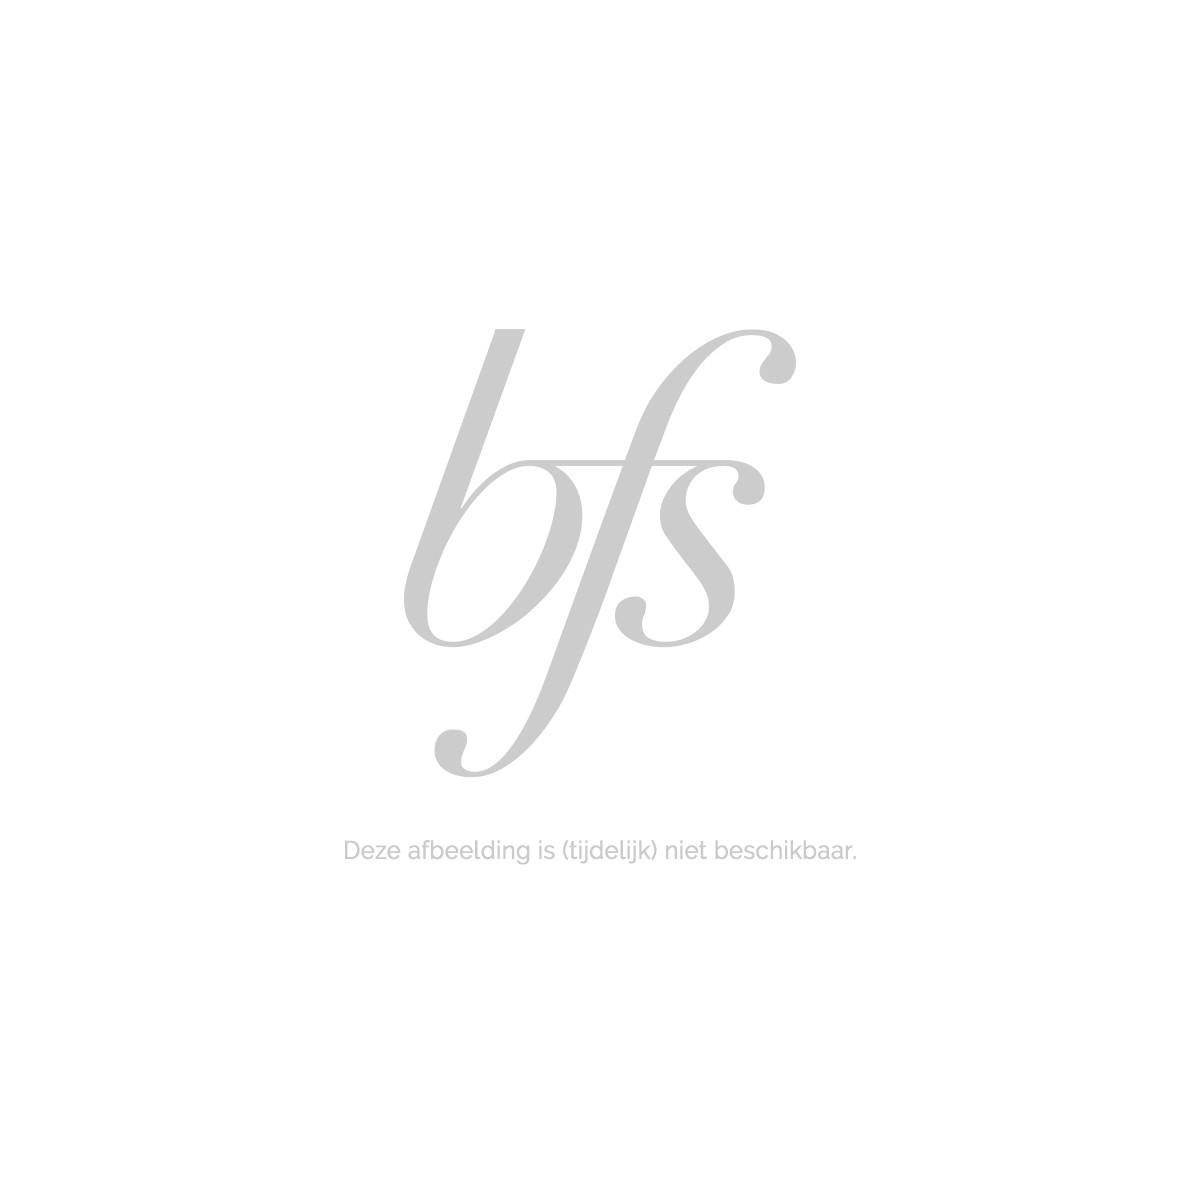 The Body Shop G3 Gtr Core Hand Creams 150 Ml